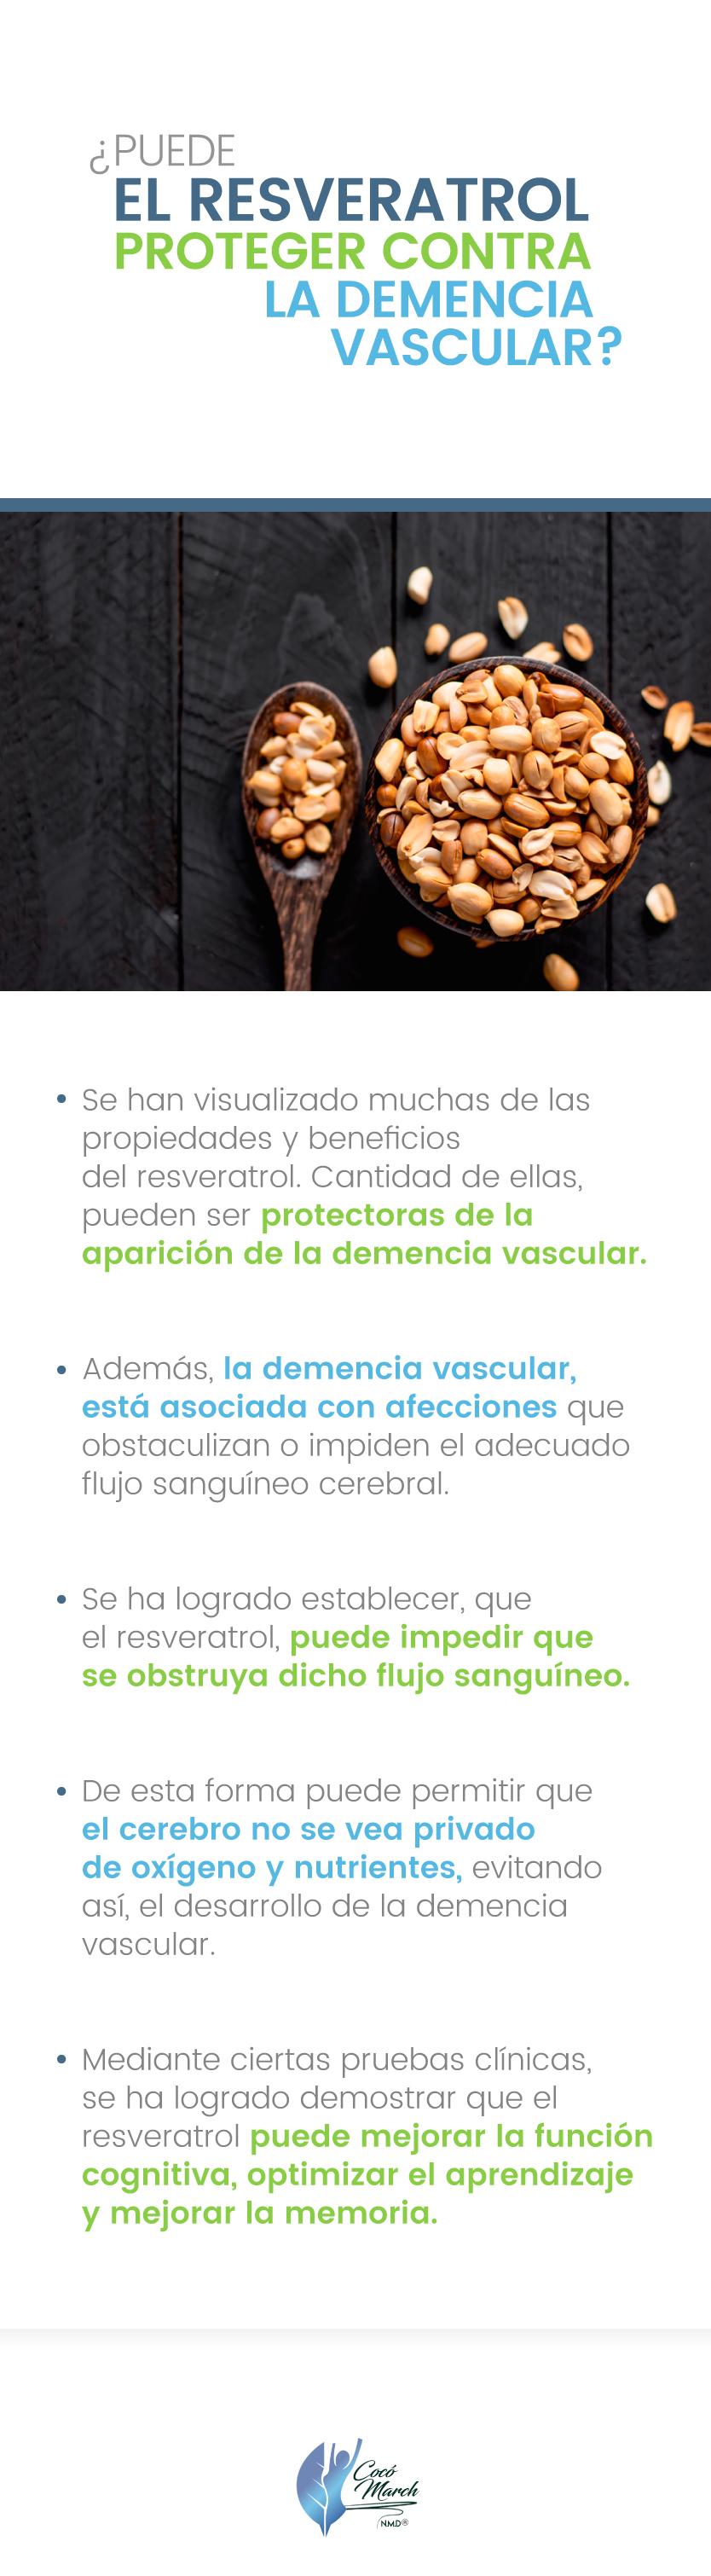 resveratrol-y-demencia-vascular